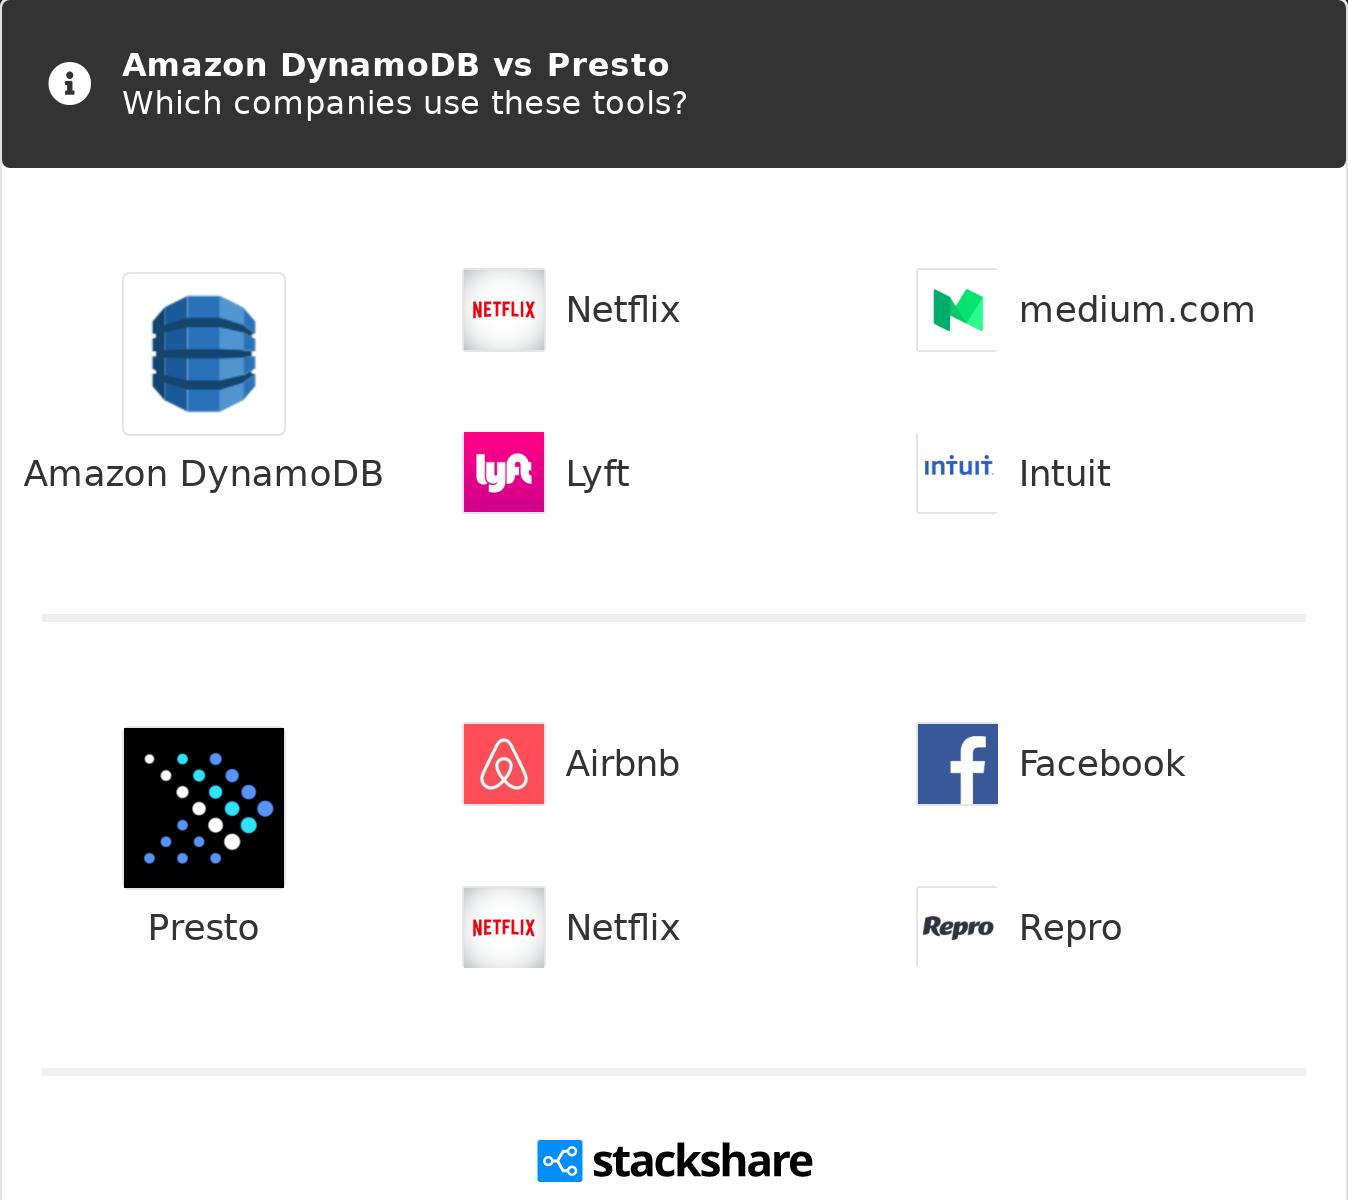 Amazon DynamoDB vs Presto | What are the differences?